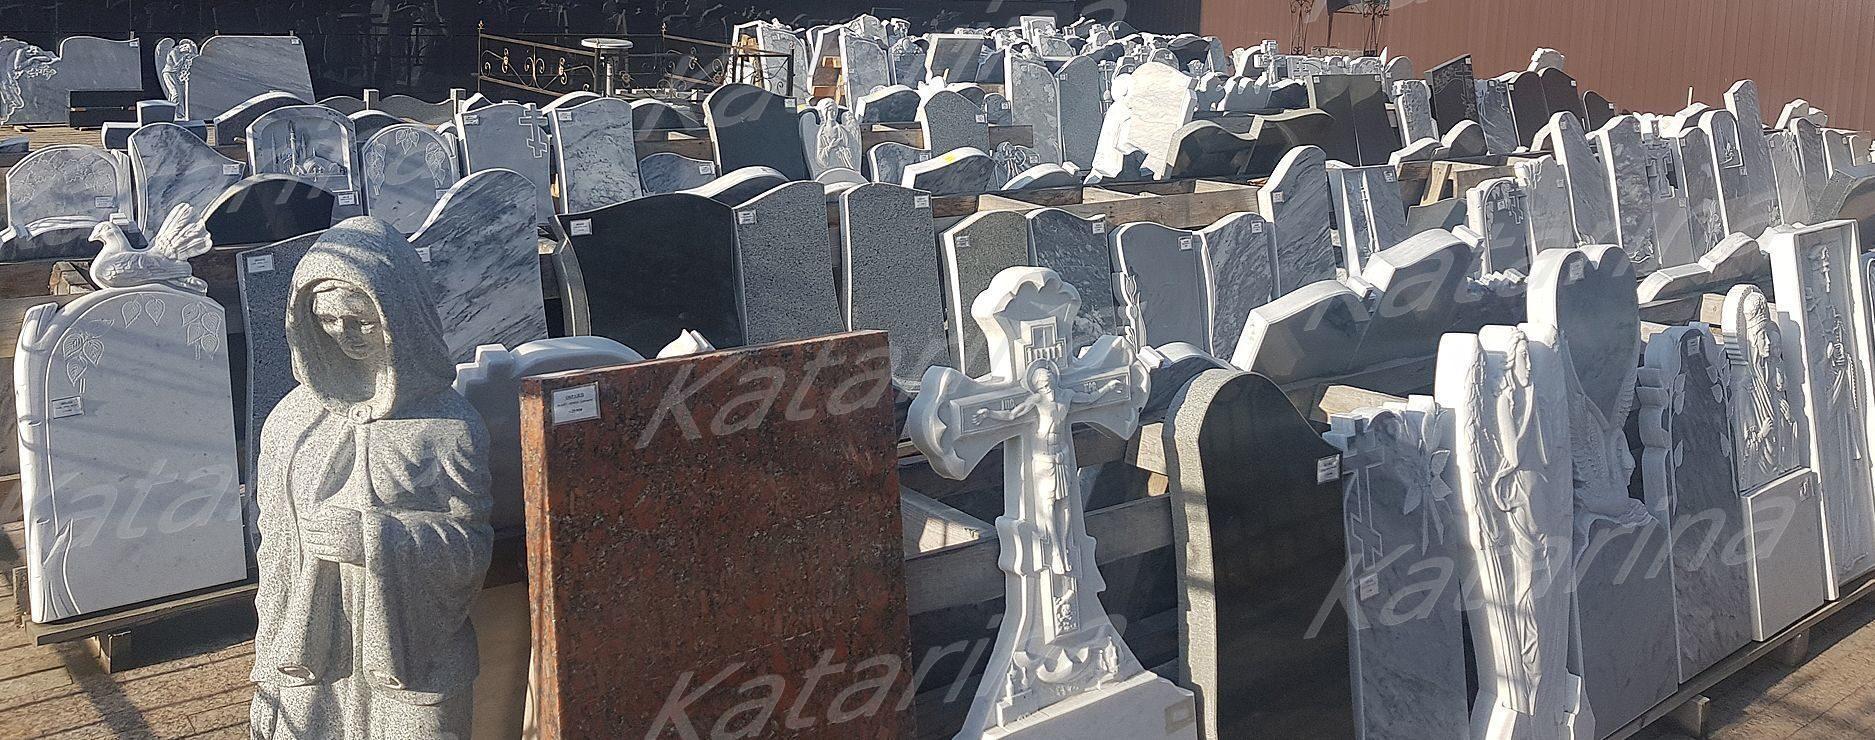 Купить надгробный памятник в перепечино   екатеринбурге памятники в таганроге с цены для детей